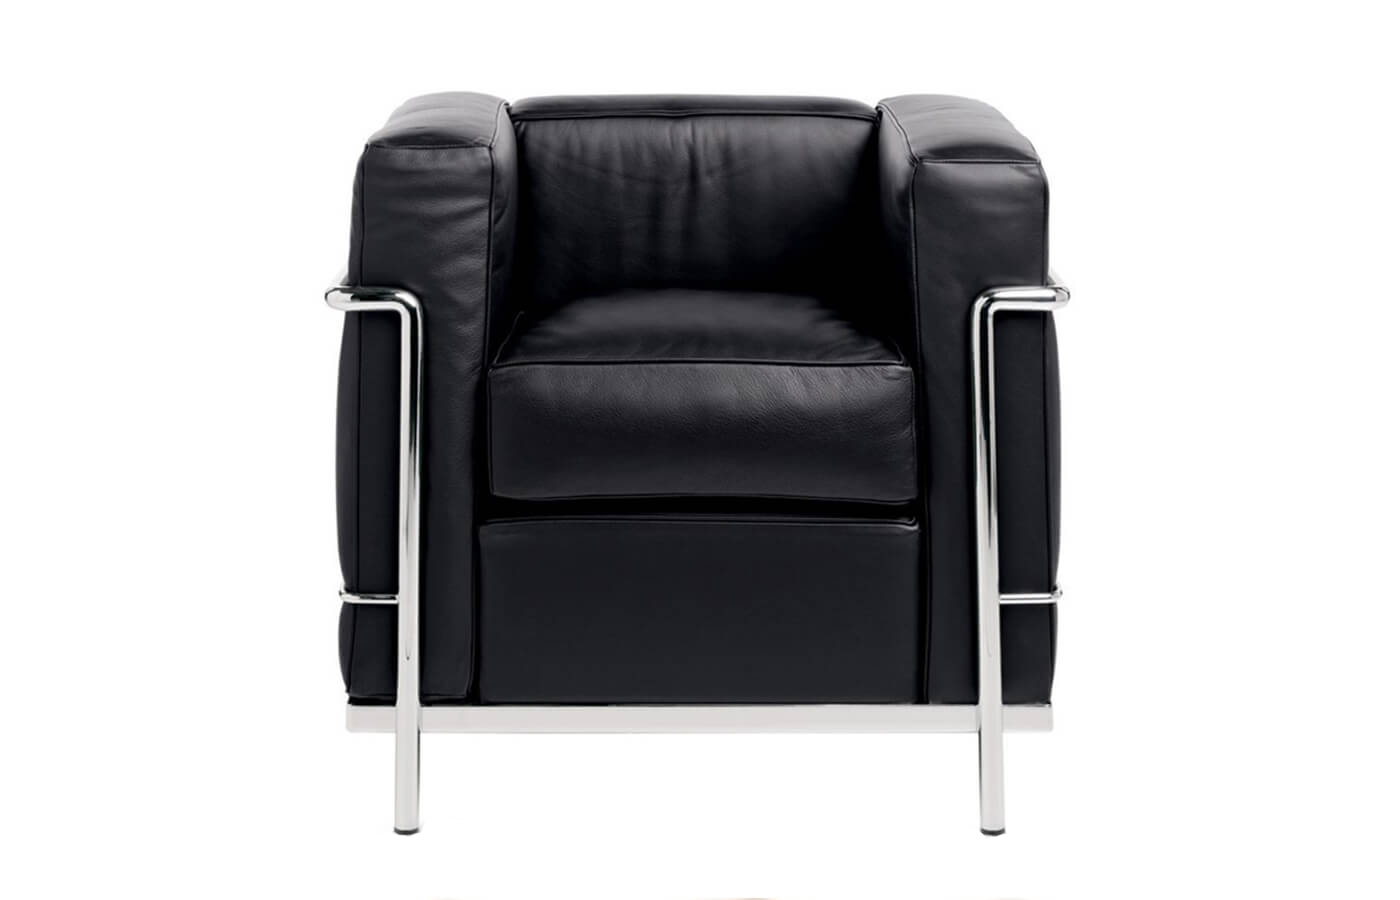 Poltroncina LC2 progettata da Le Corbusier nel 1965